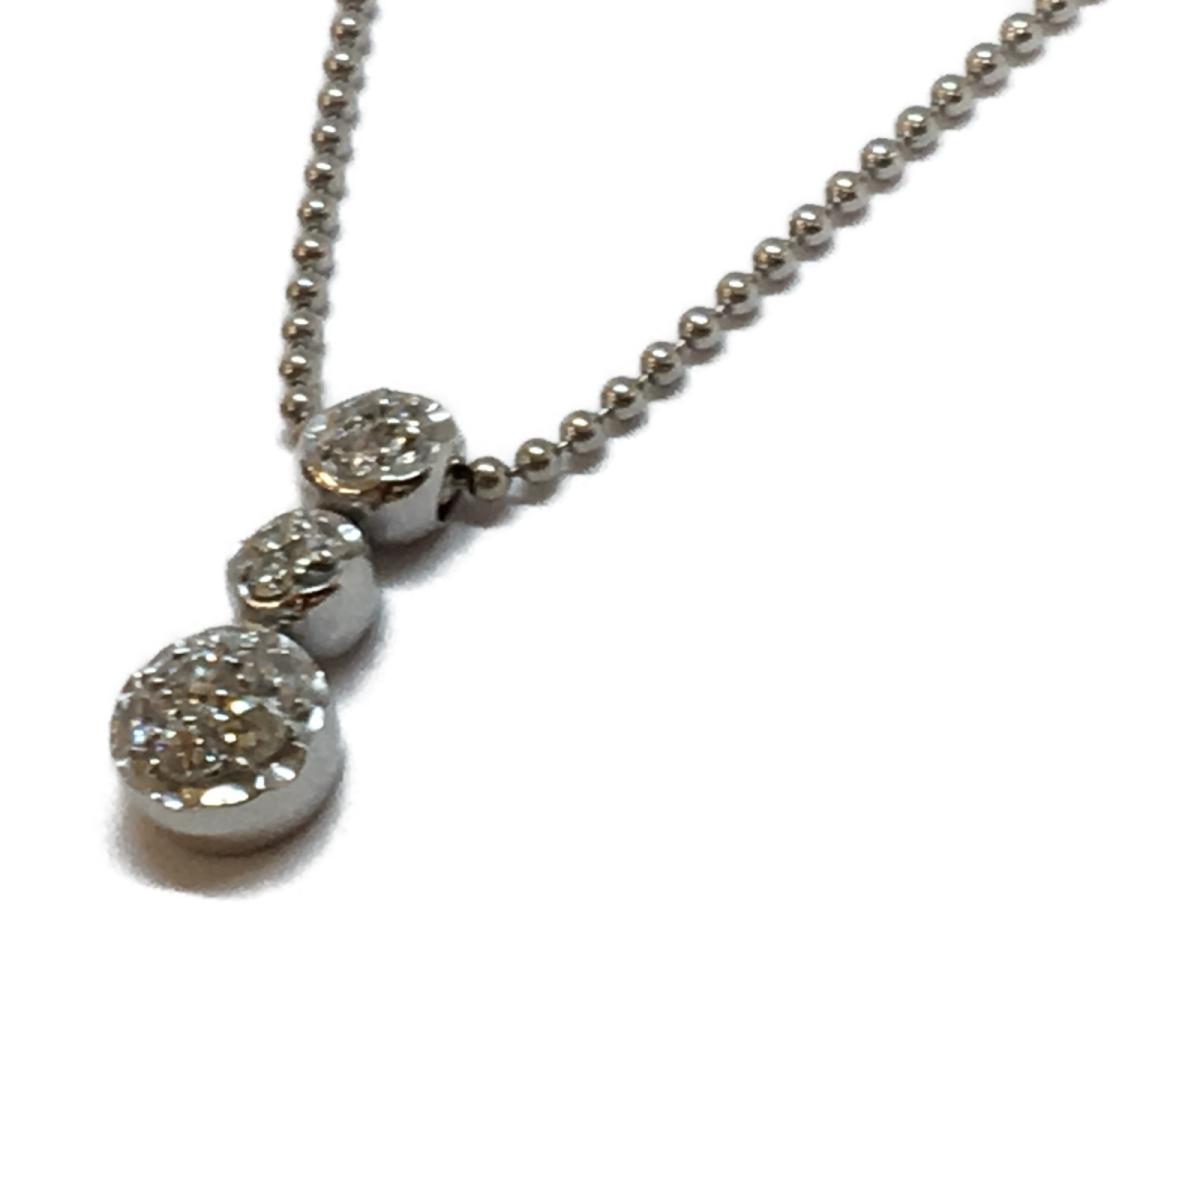 【最大4万円OFF 30日23:59まで】【中古】 ジュエリー ダイヤモンド ネックレス メンズ レディース K18WG (750) ホワイトゴールド x (刻印無し) | JEWELRY BRANDOFF ブランドオフ ブランド アクセサリー ペンダント